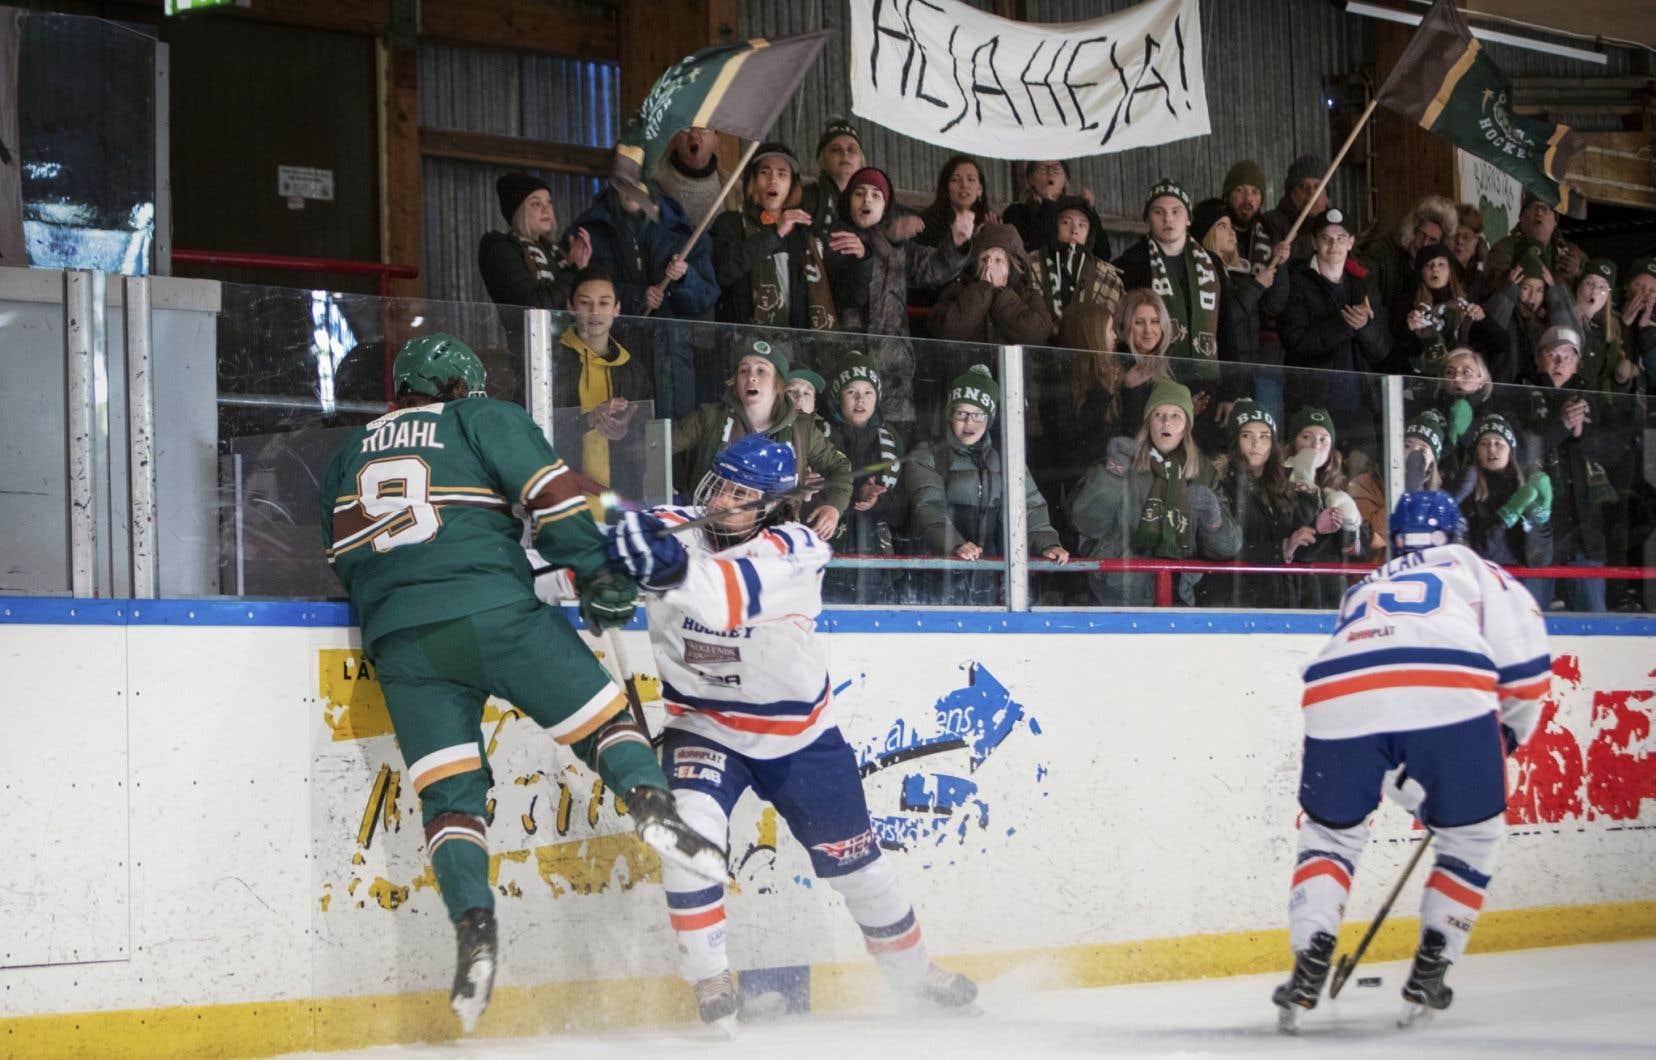 «Beartown» offre des scènes de hockey fort bien chorégraphiées et enlevantes.